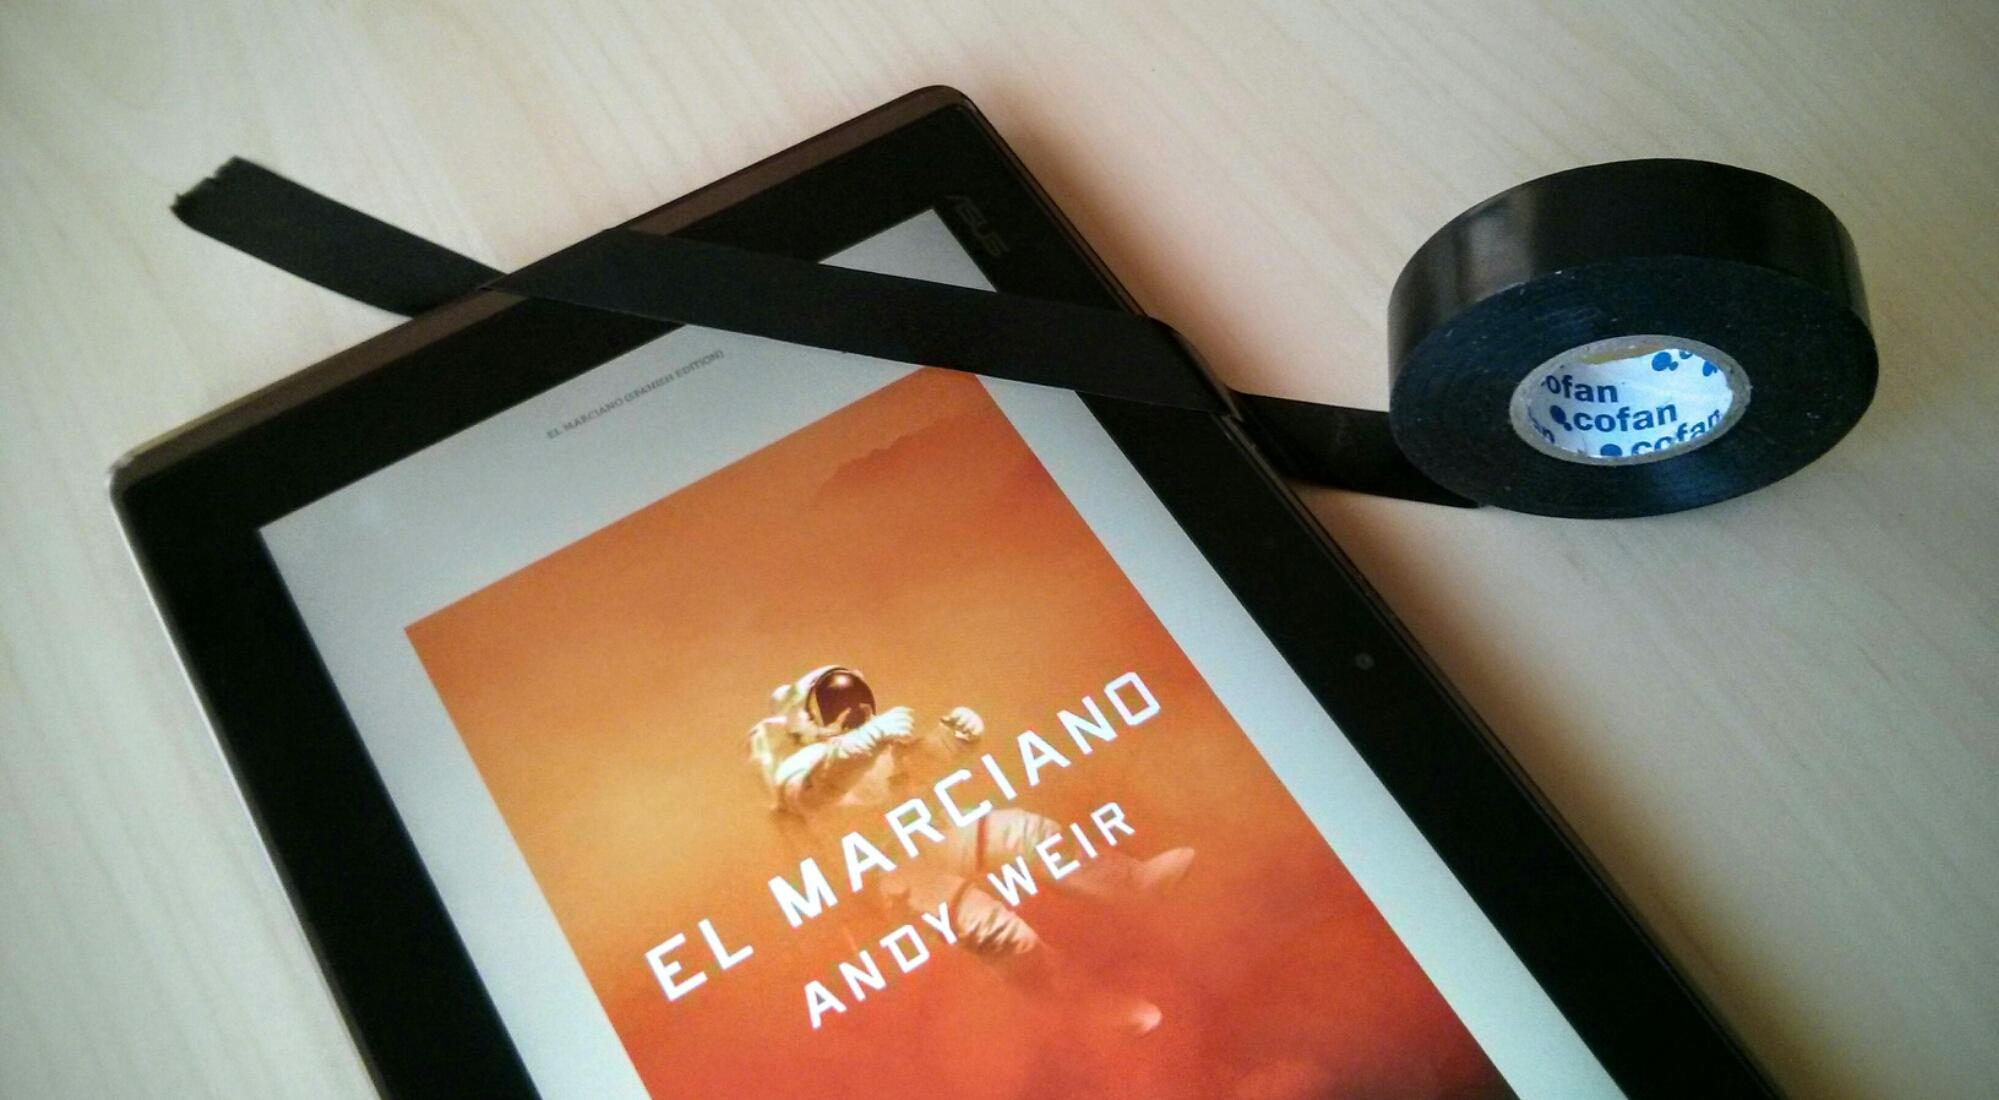 El marciano, de Andy Weir